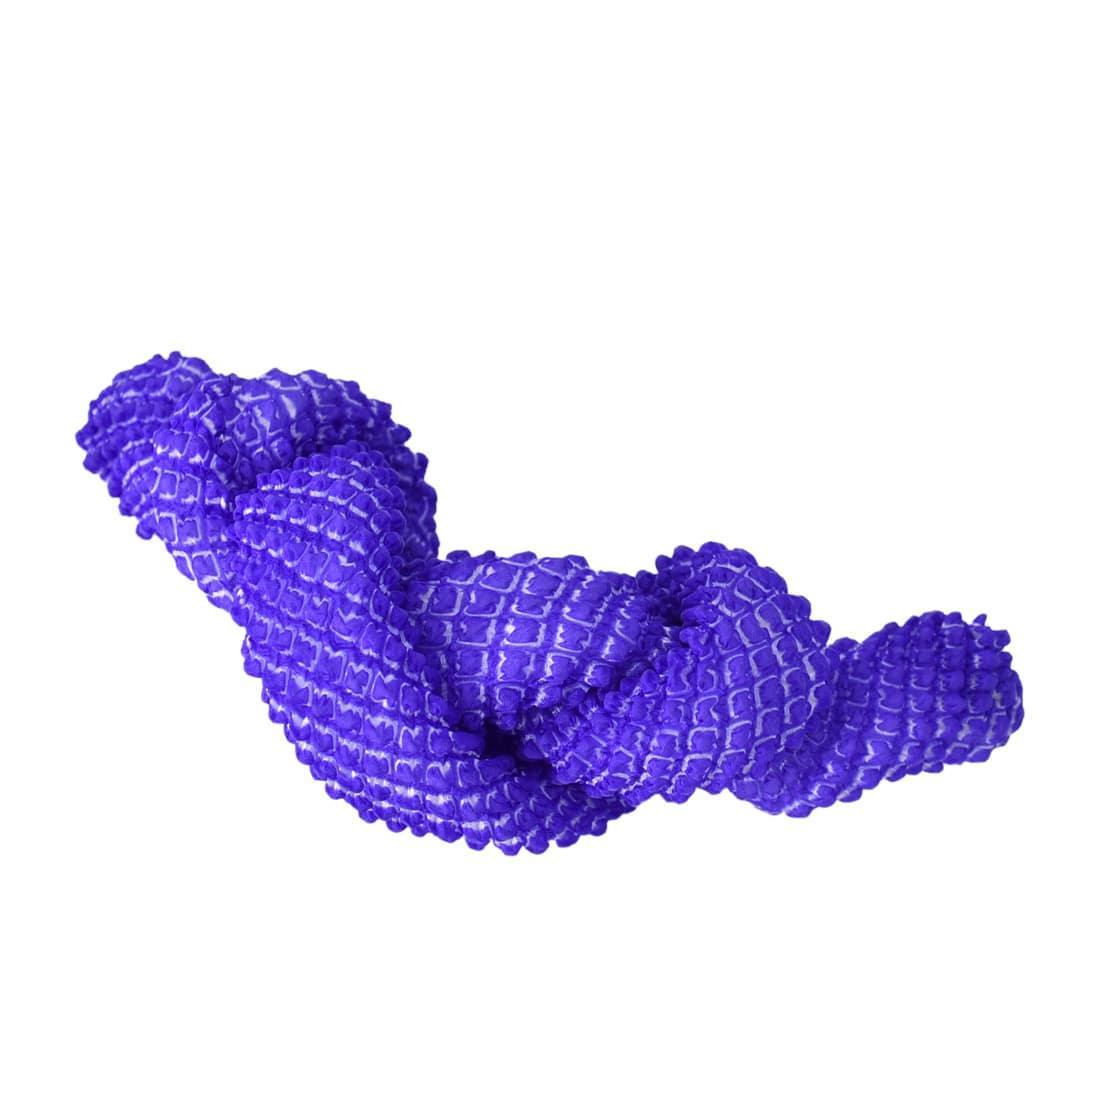 七五三 髪飾り 日本製 正絹鹿の子 結綿大 3歳 7歳 ゆいわた 礼装 おしゃれ 通年用 子供 女の子 女児 青紫【JS10】